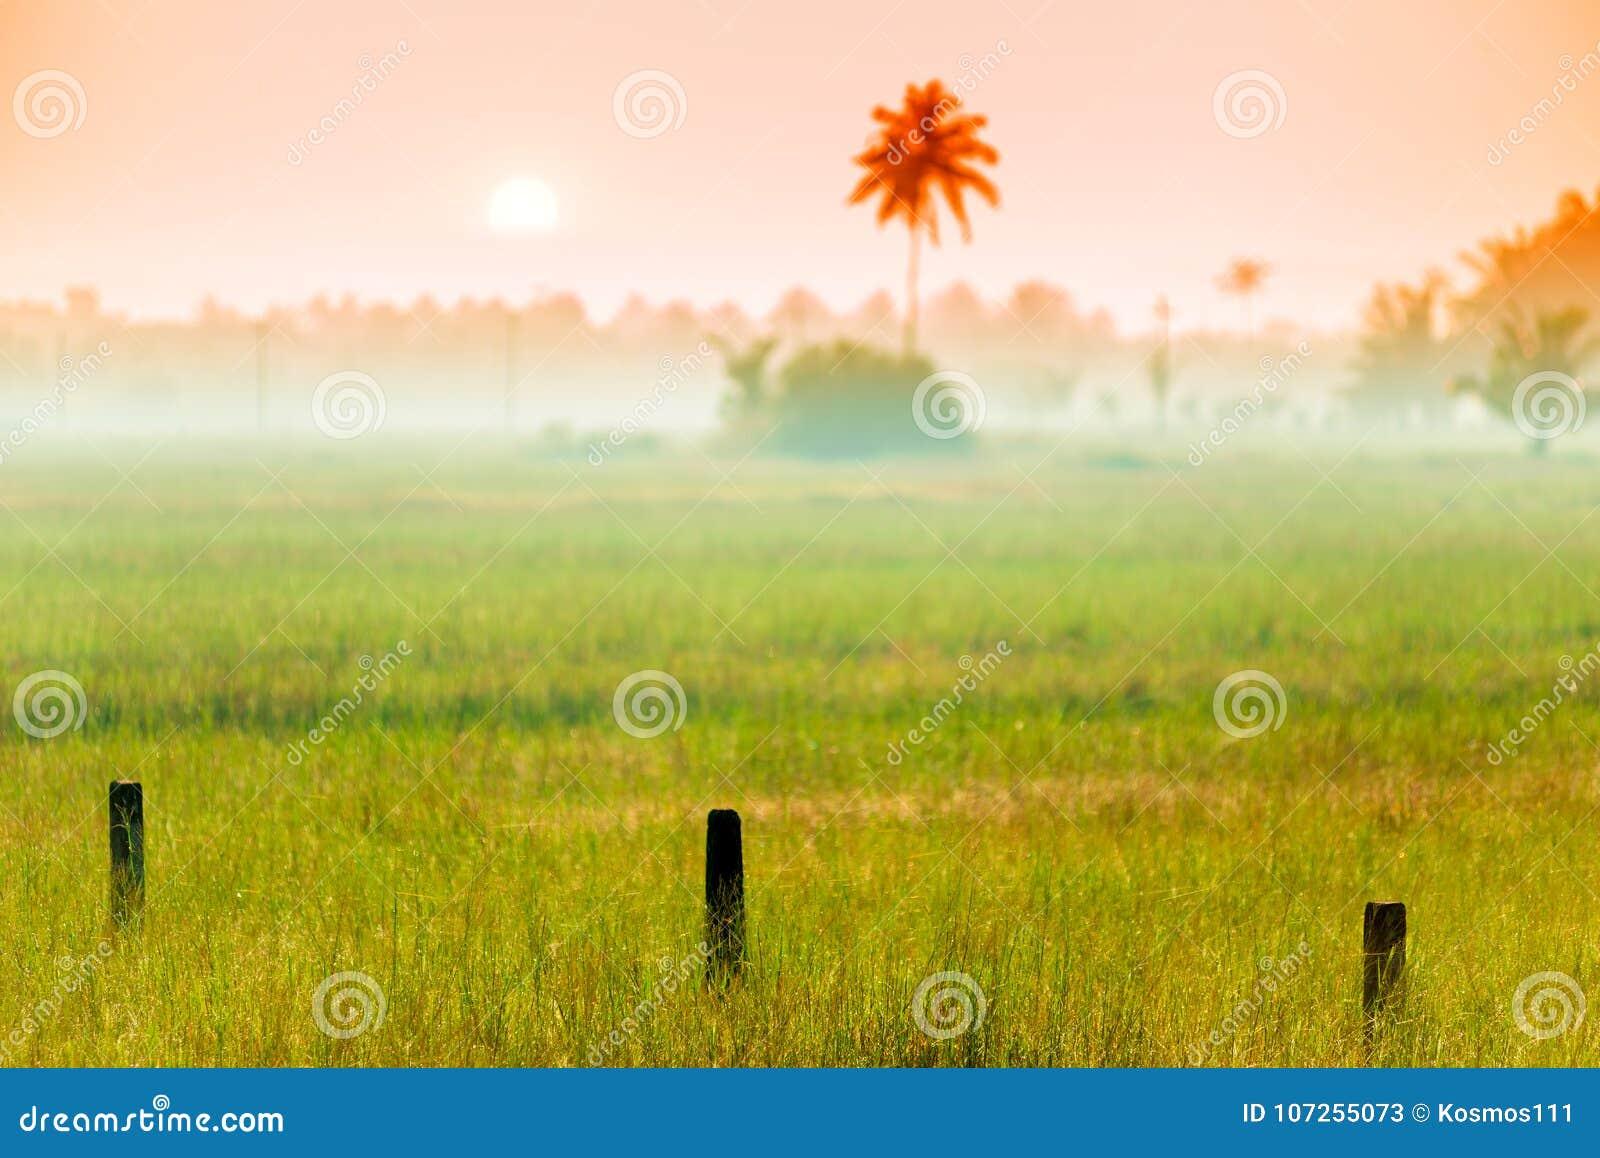 Ochtendmist op het gebied in een tropisch klimaat